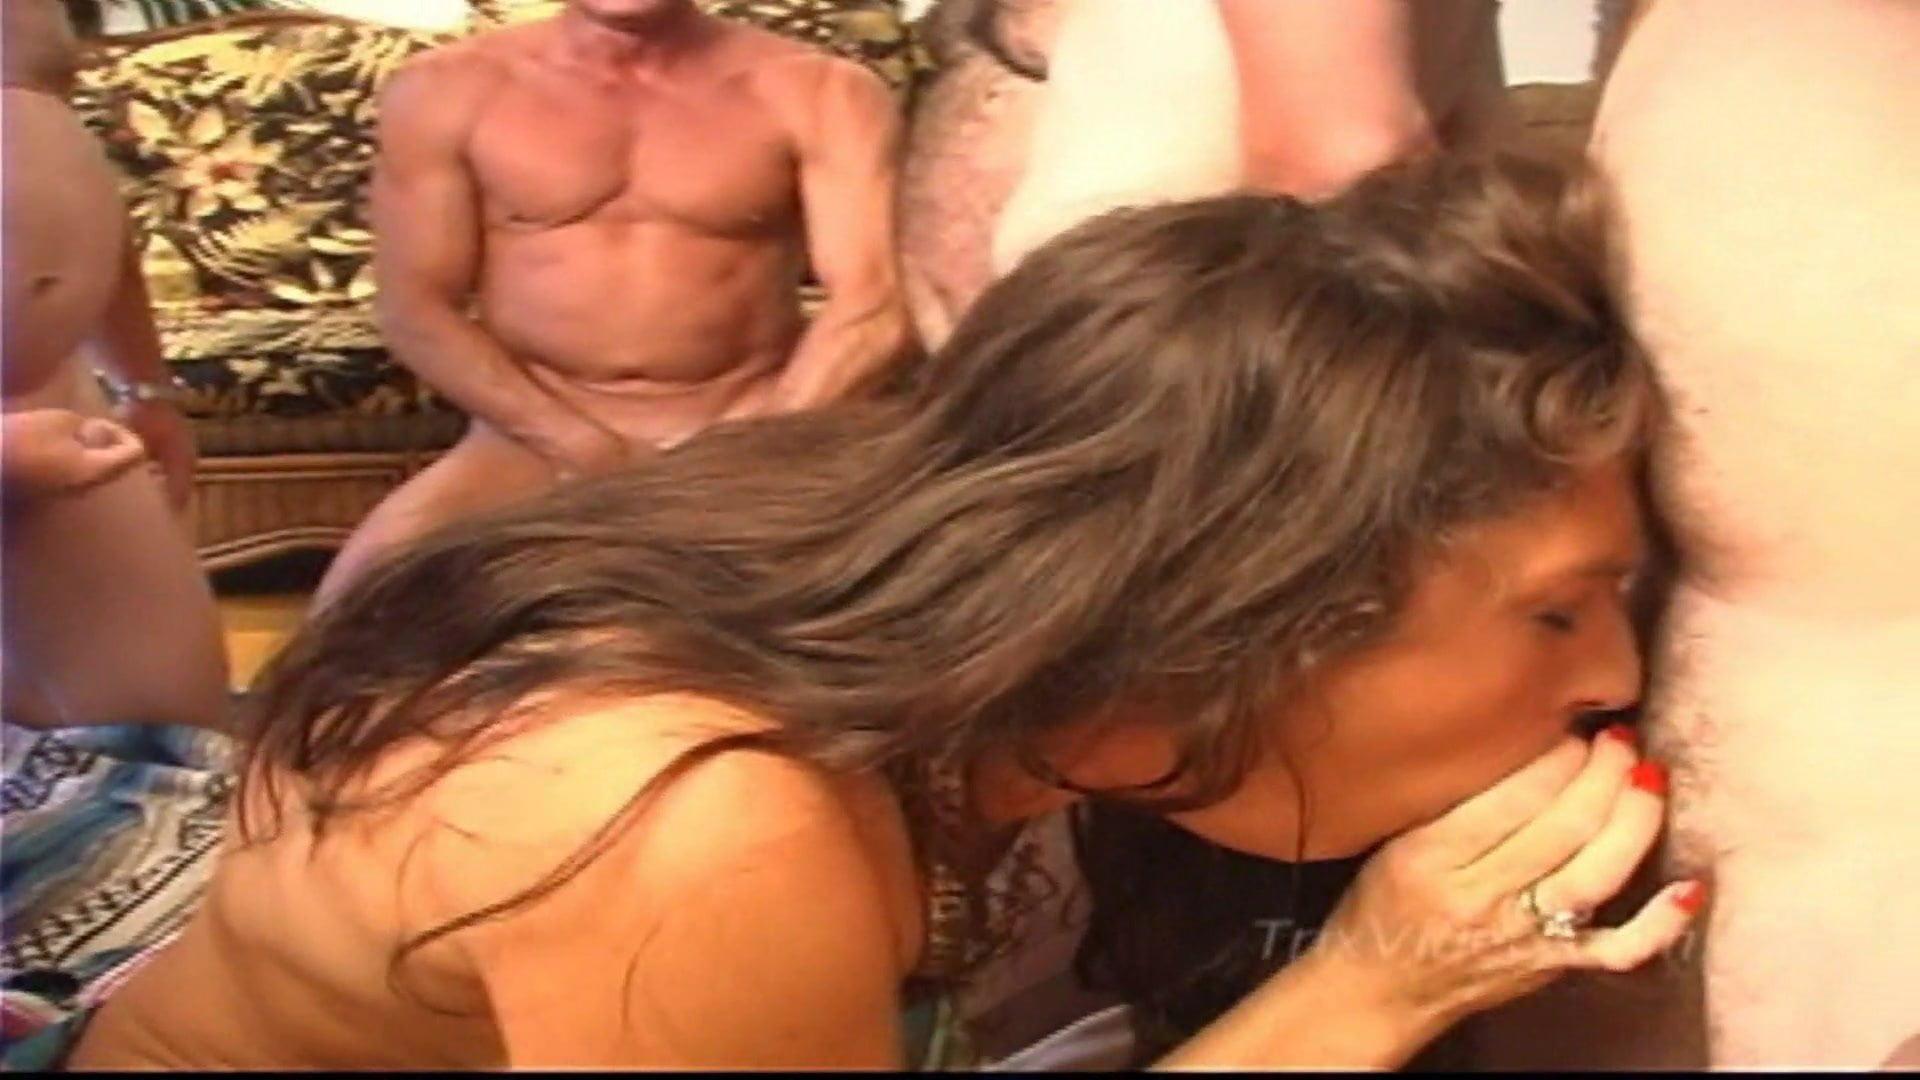 Bang Porn Trailer 10 cum filled cocks and 1 trailer park slut